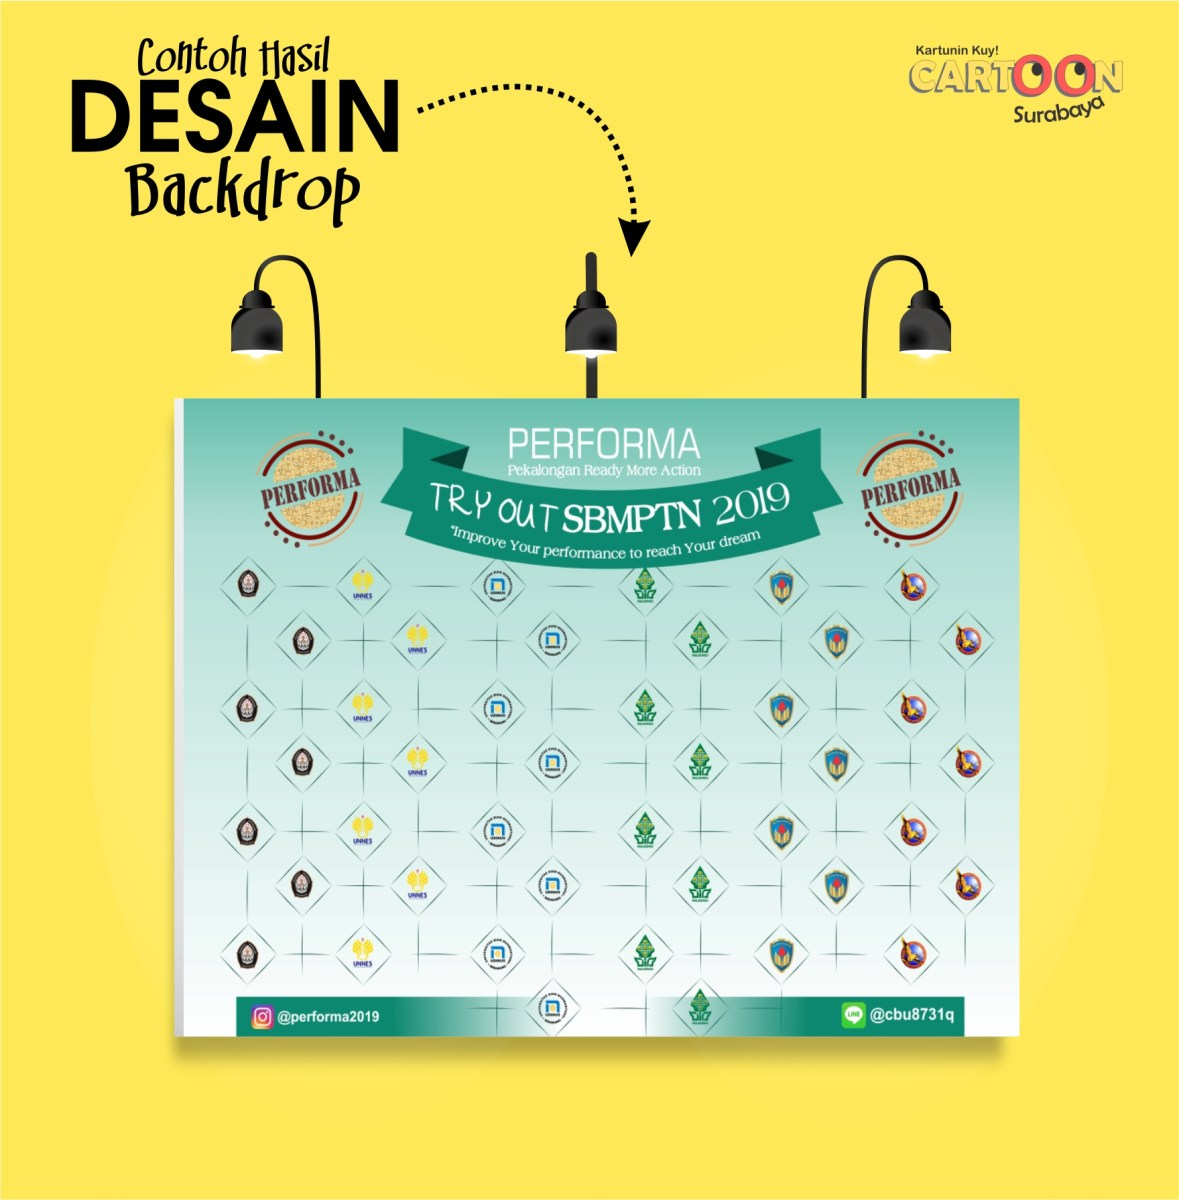 Desain Karikatur: Contoh Hasil Desain Backdrop Photobooth Event TRY OUT